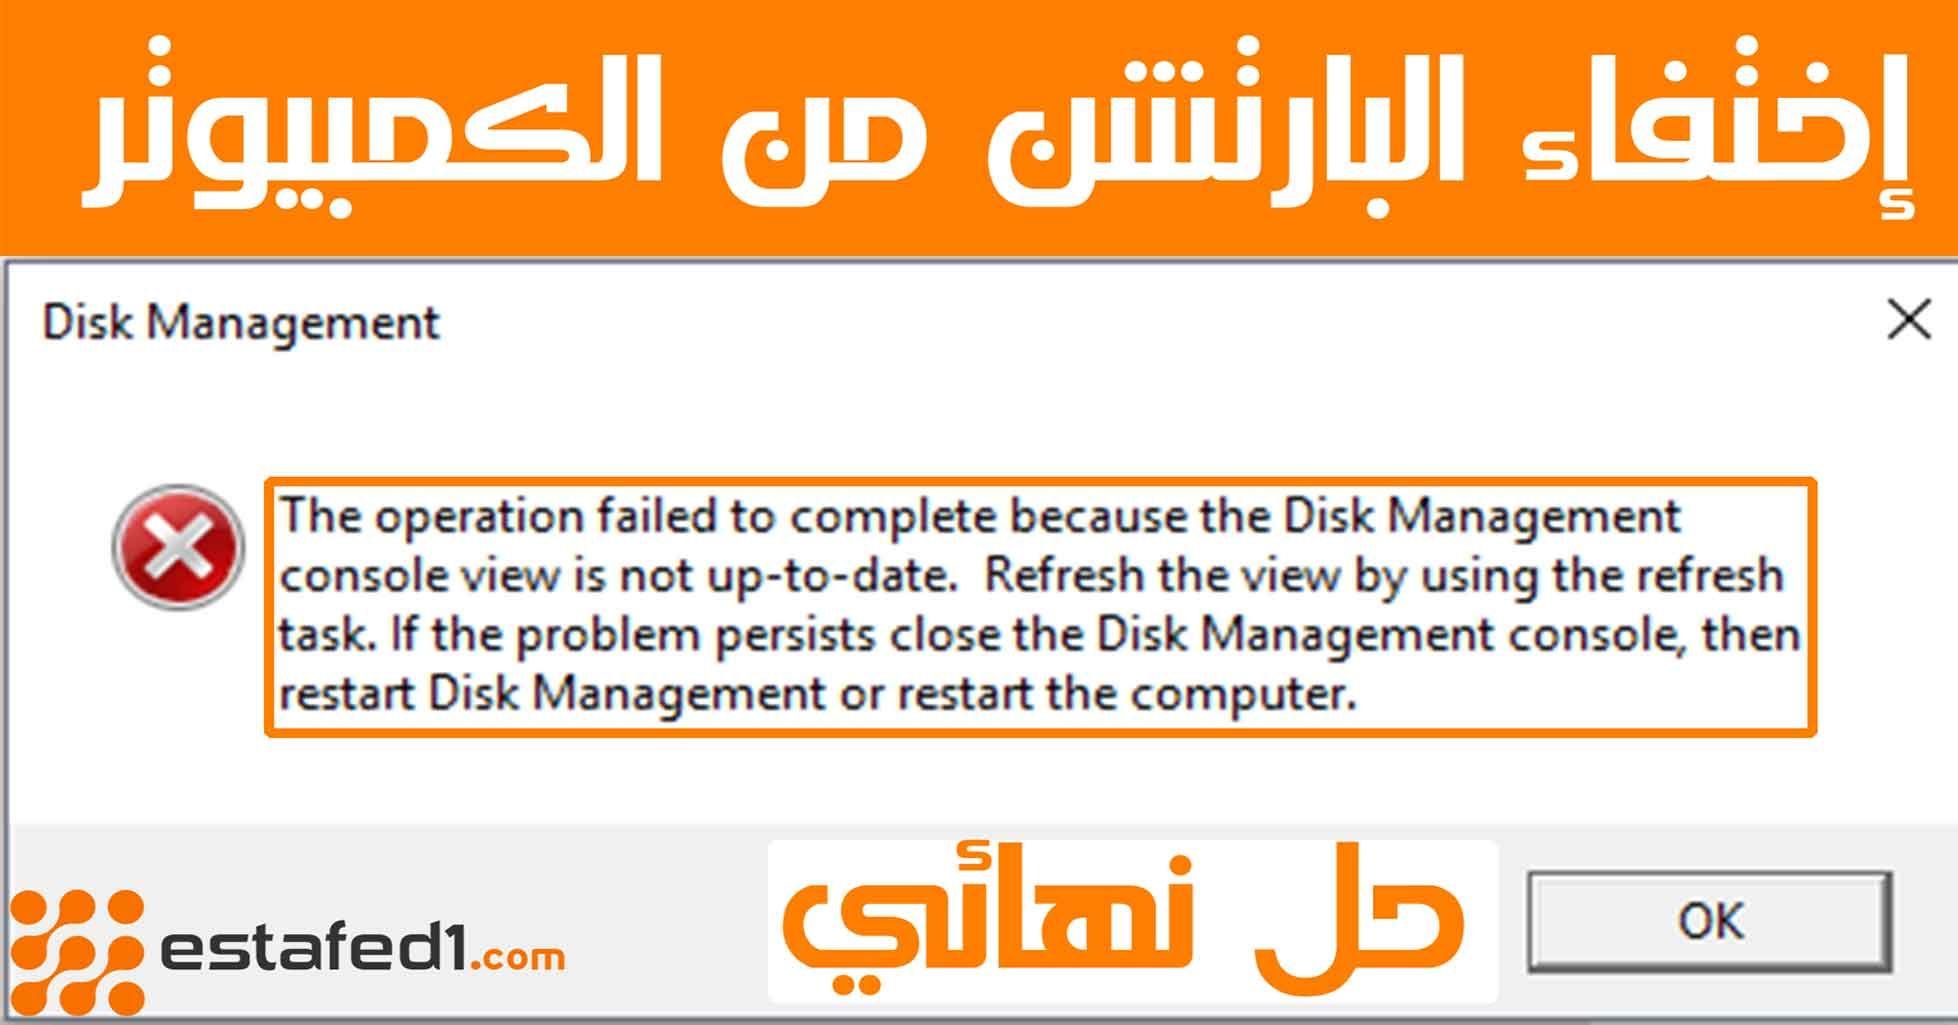 حل مشكلة إختفاء بارتيشن وظهور رسالة Disk Management Console View Is Not Up To Date Estafed1 Persistence Management Dating